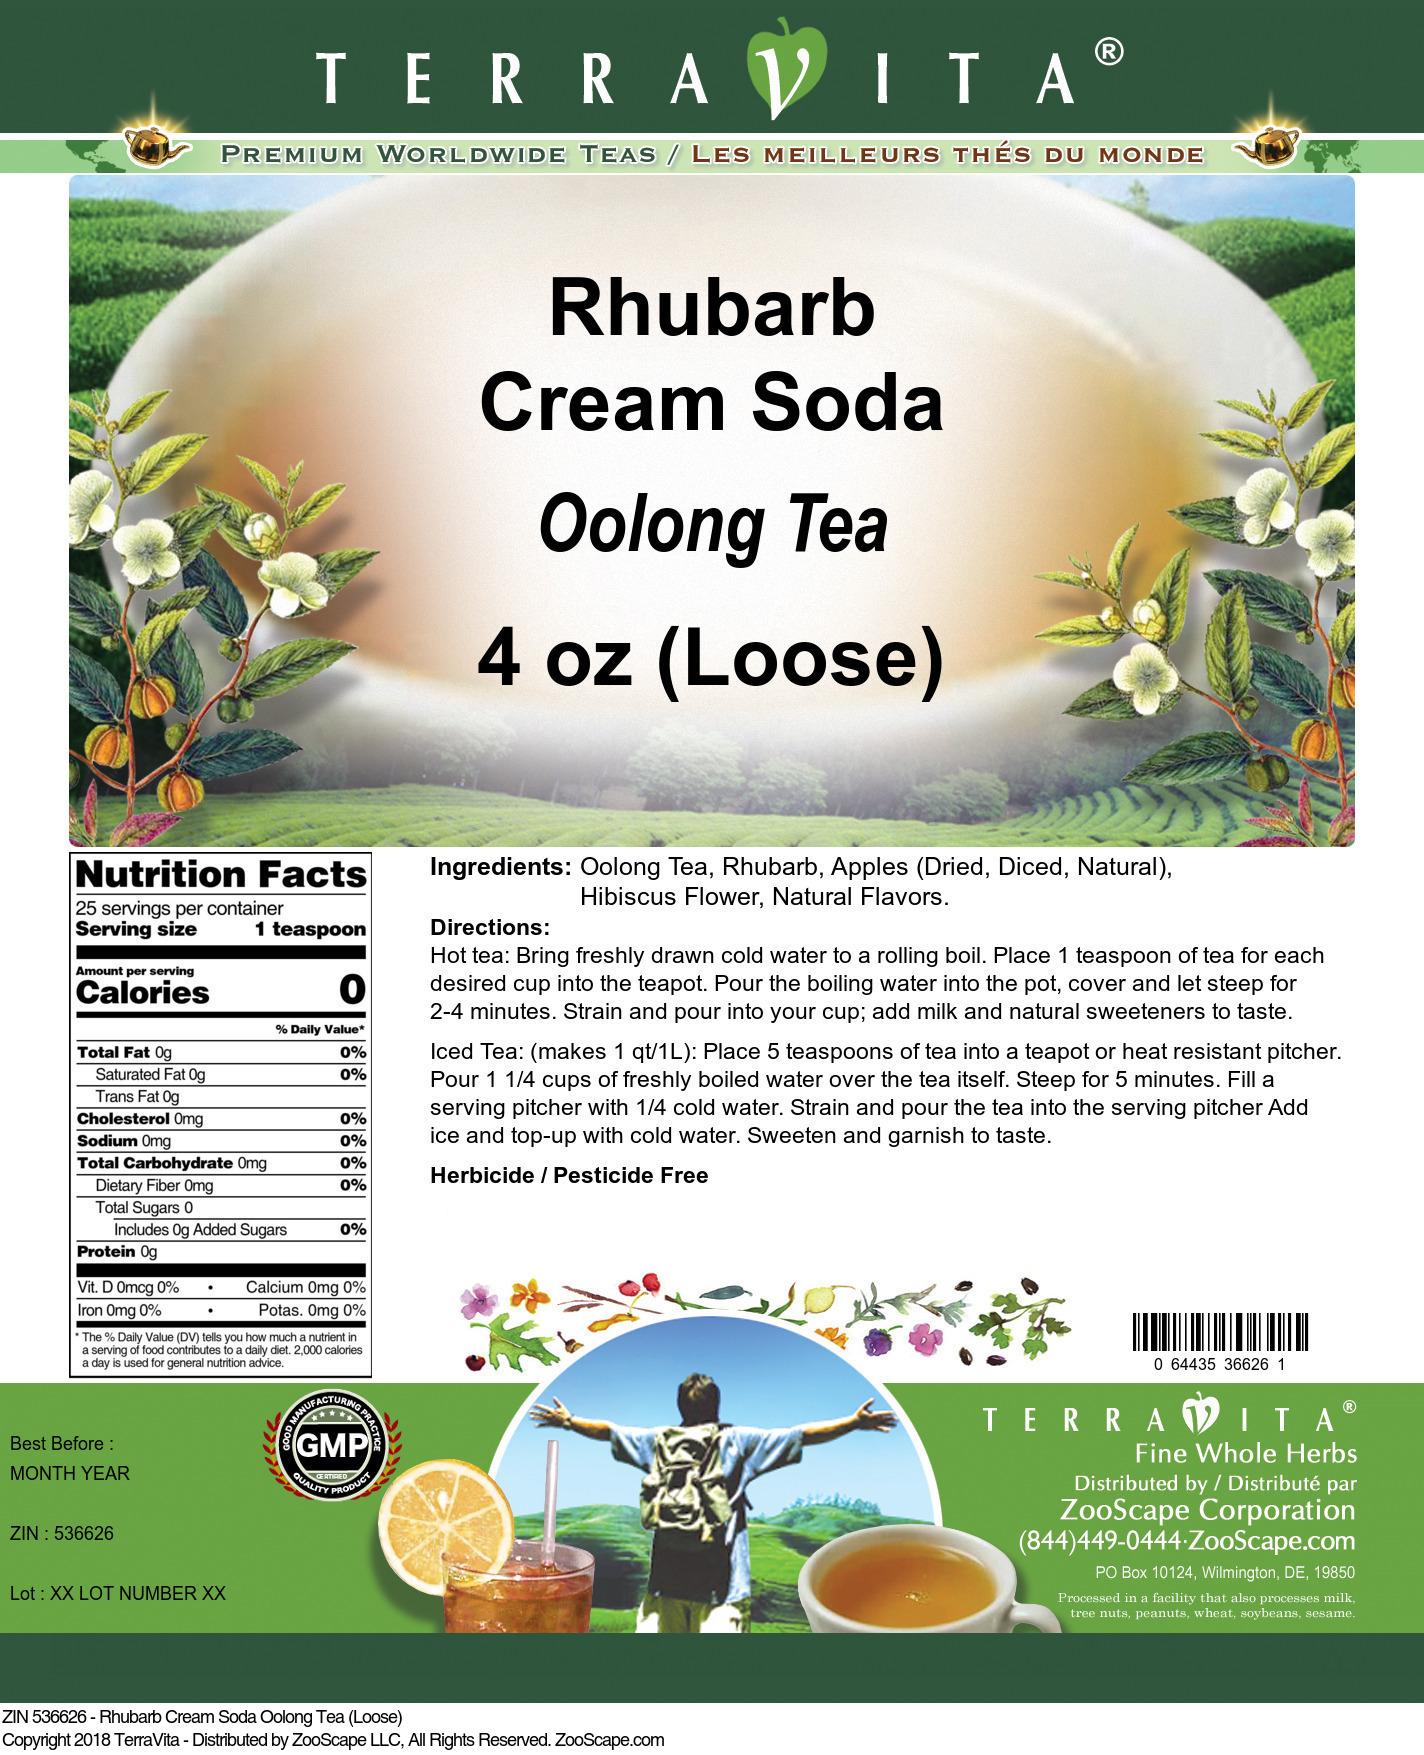 Rhubarb Cream Soda Oolong Tea